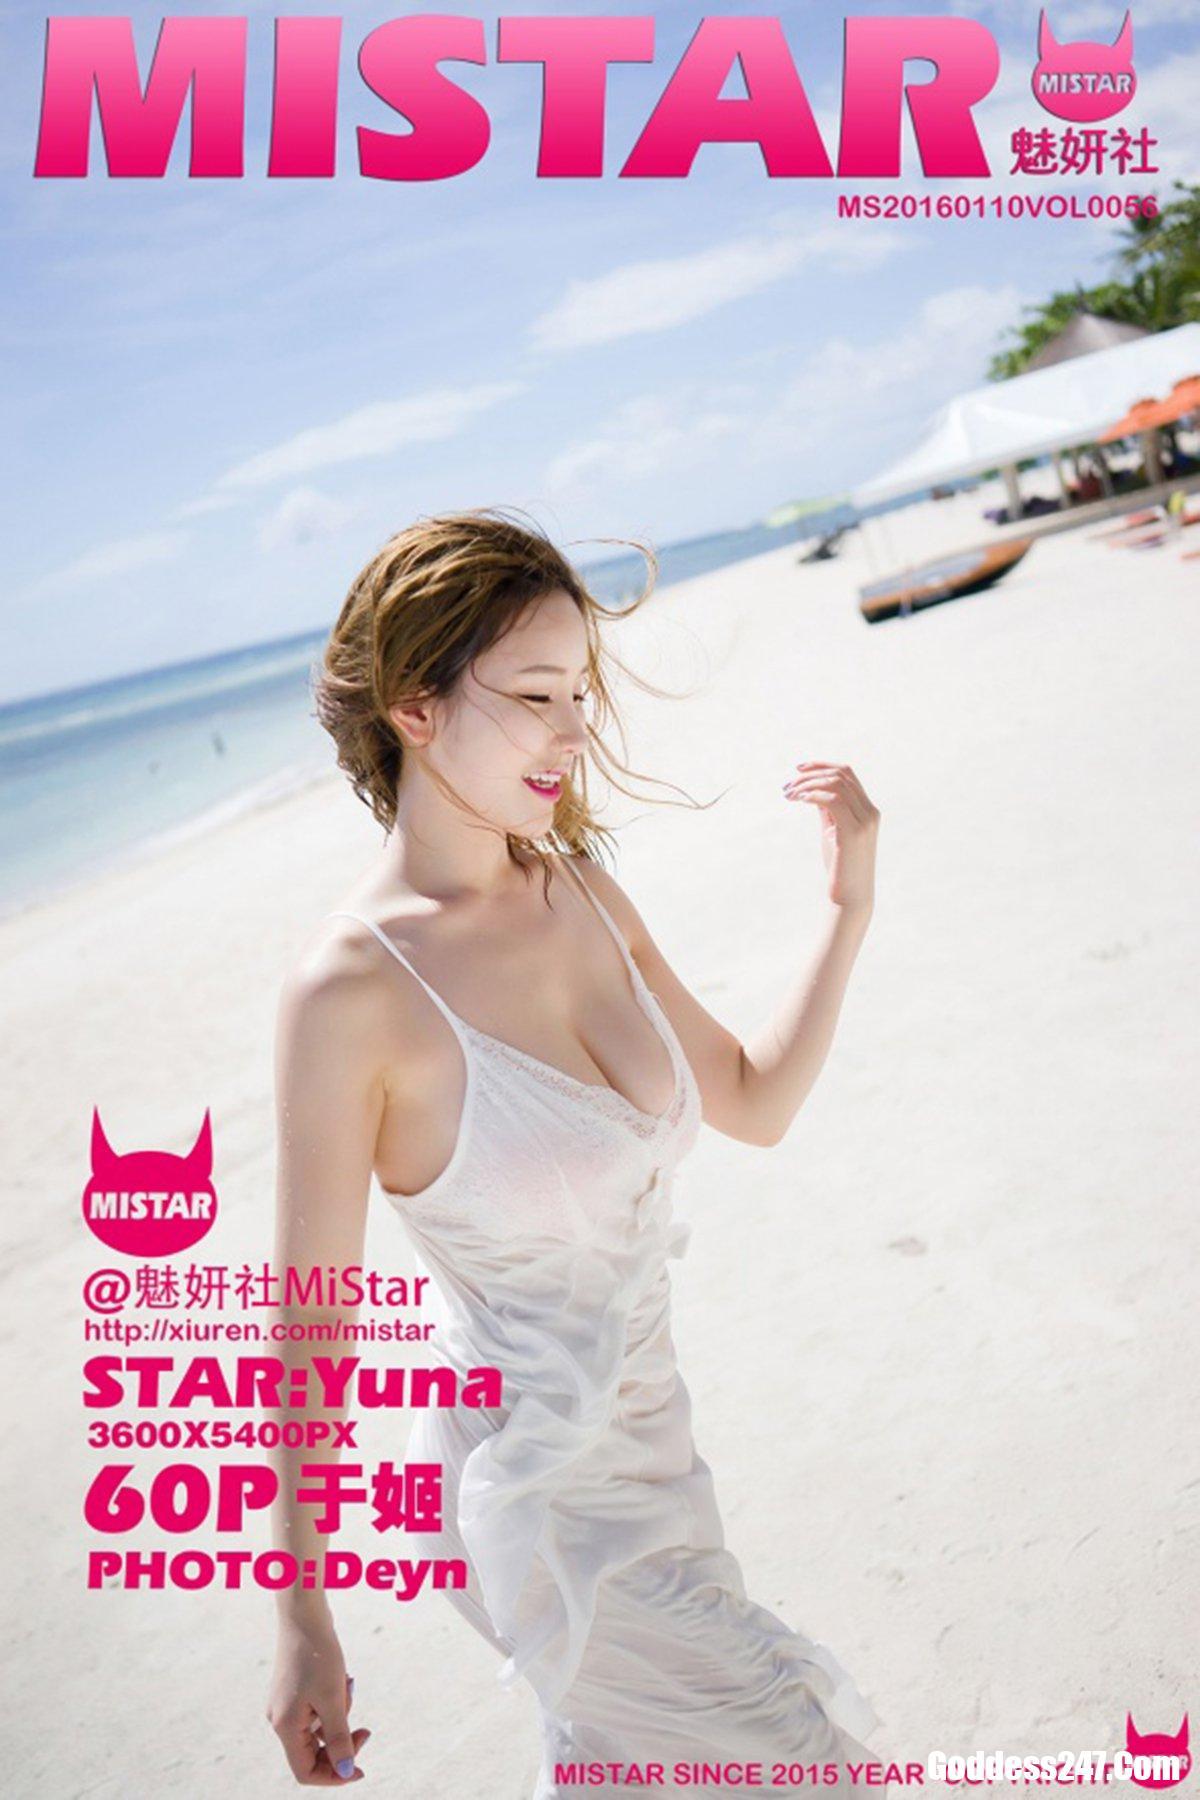 魅妍社 MiStar